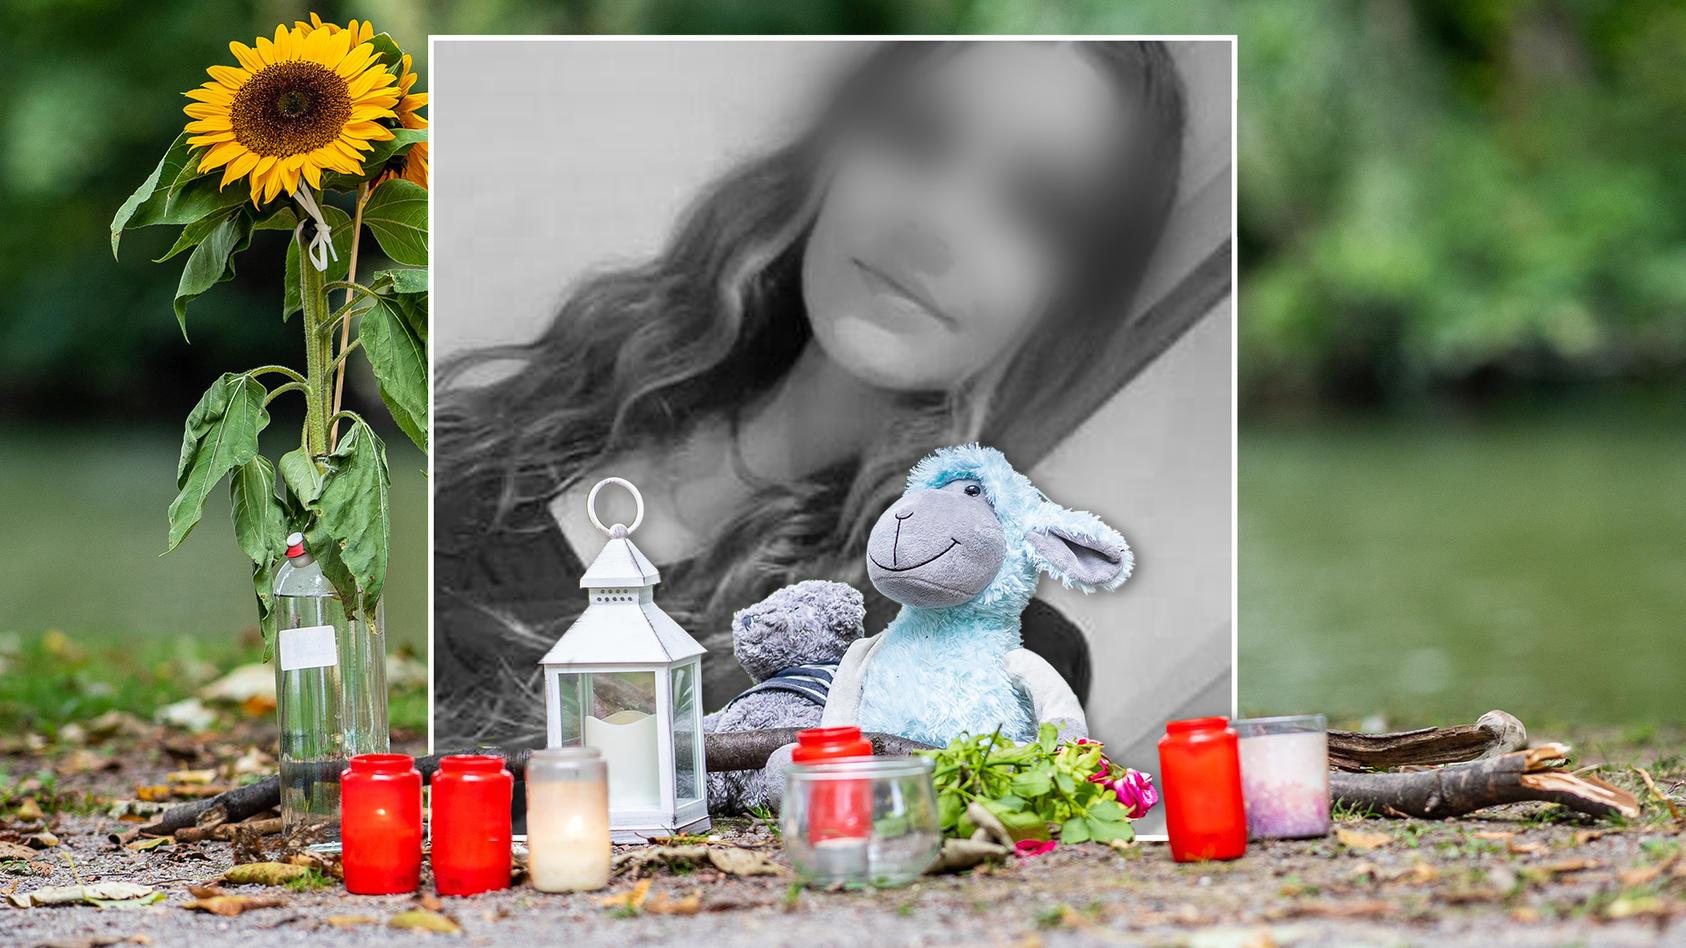 Hannah S. (25) wurde offenbar missbraucht und getötet